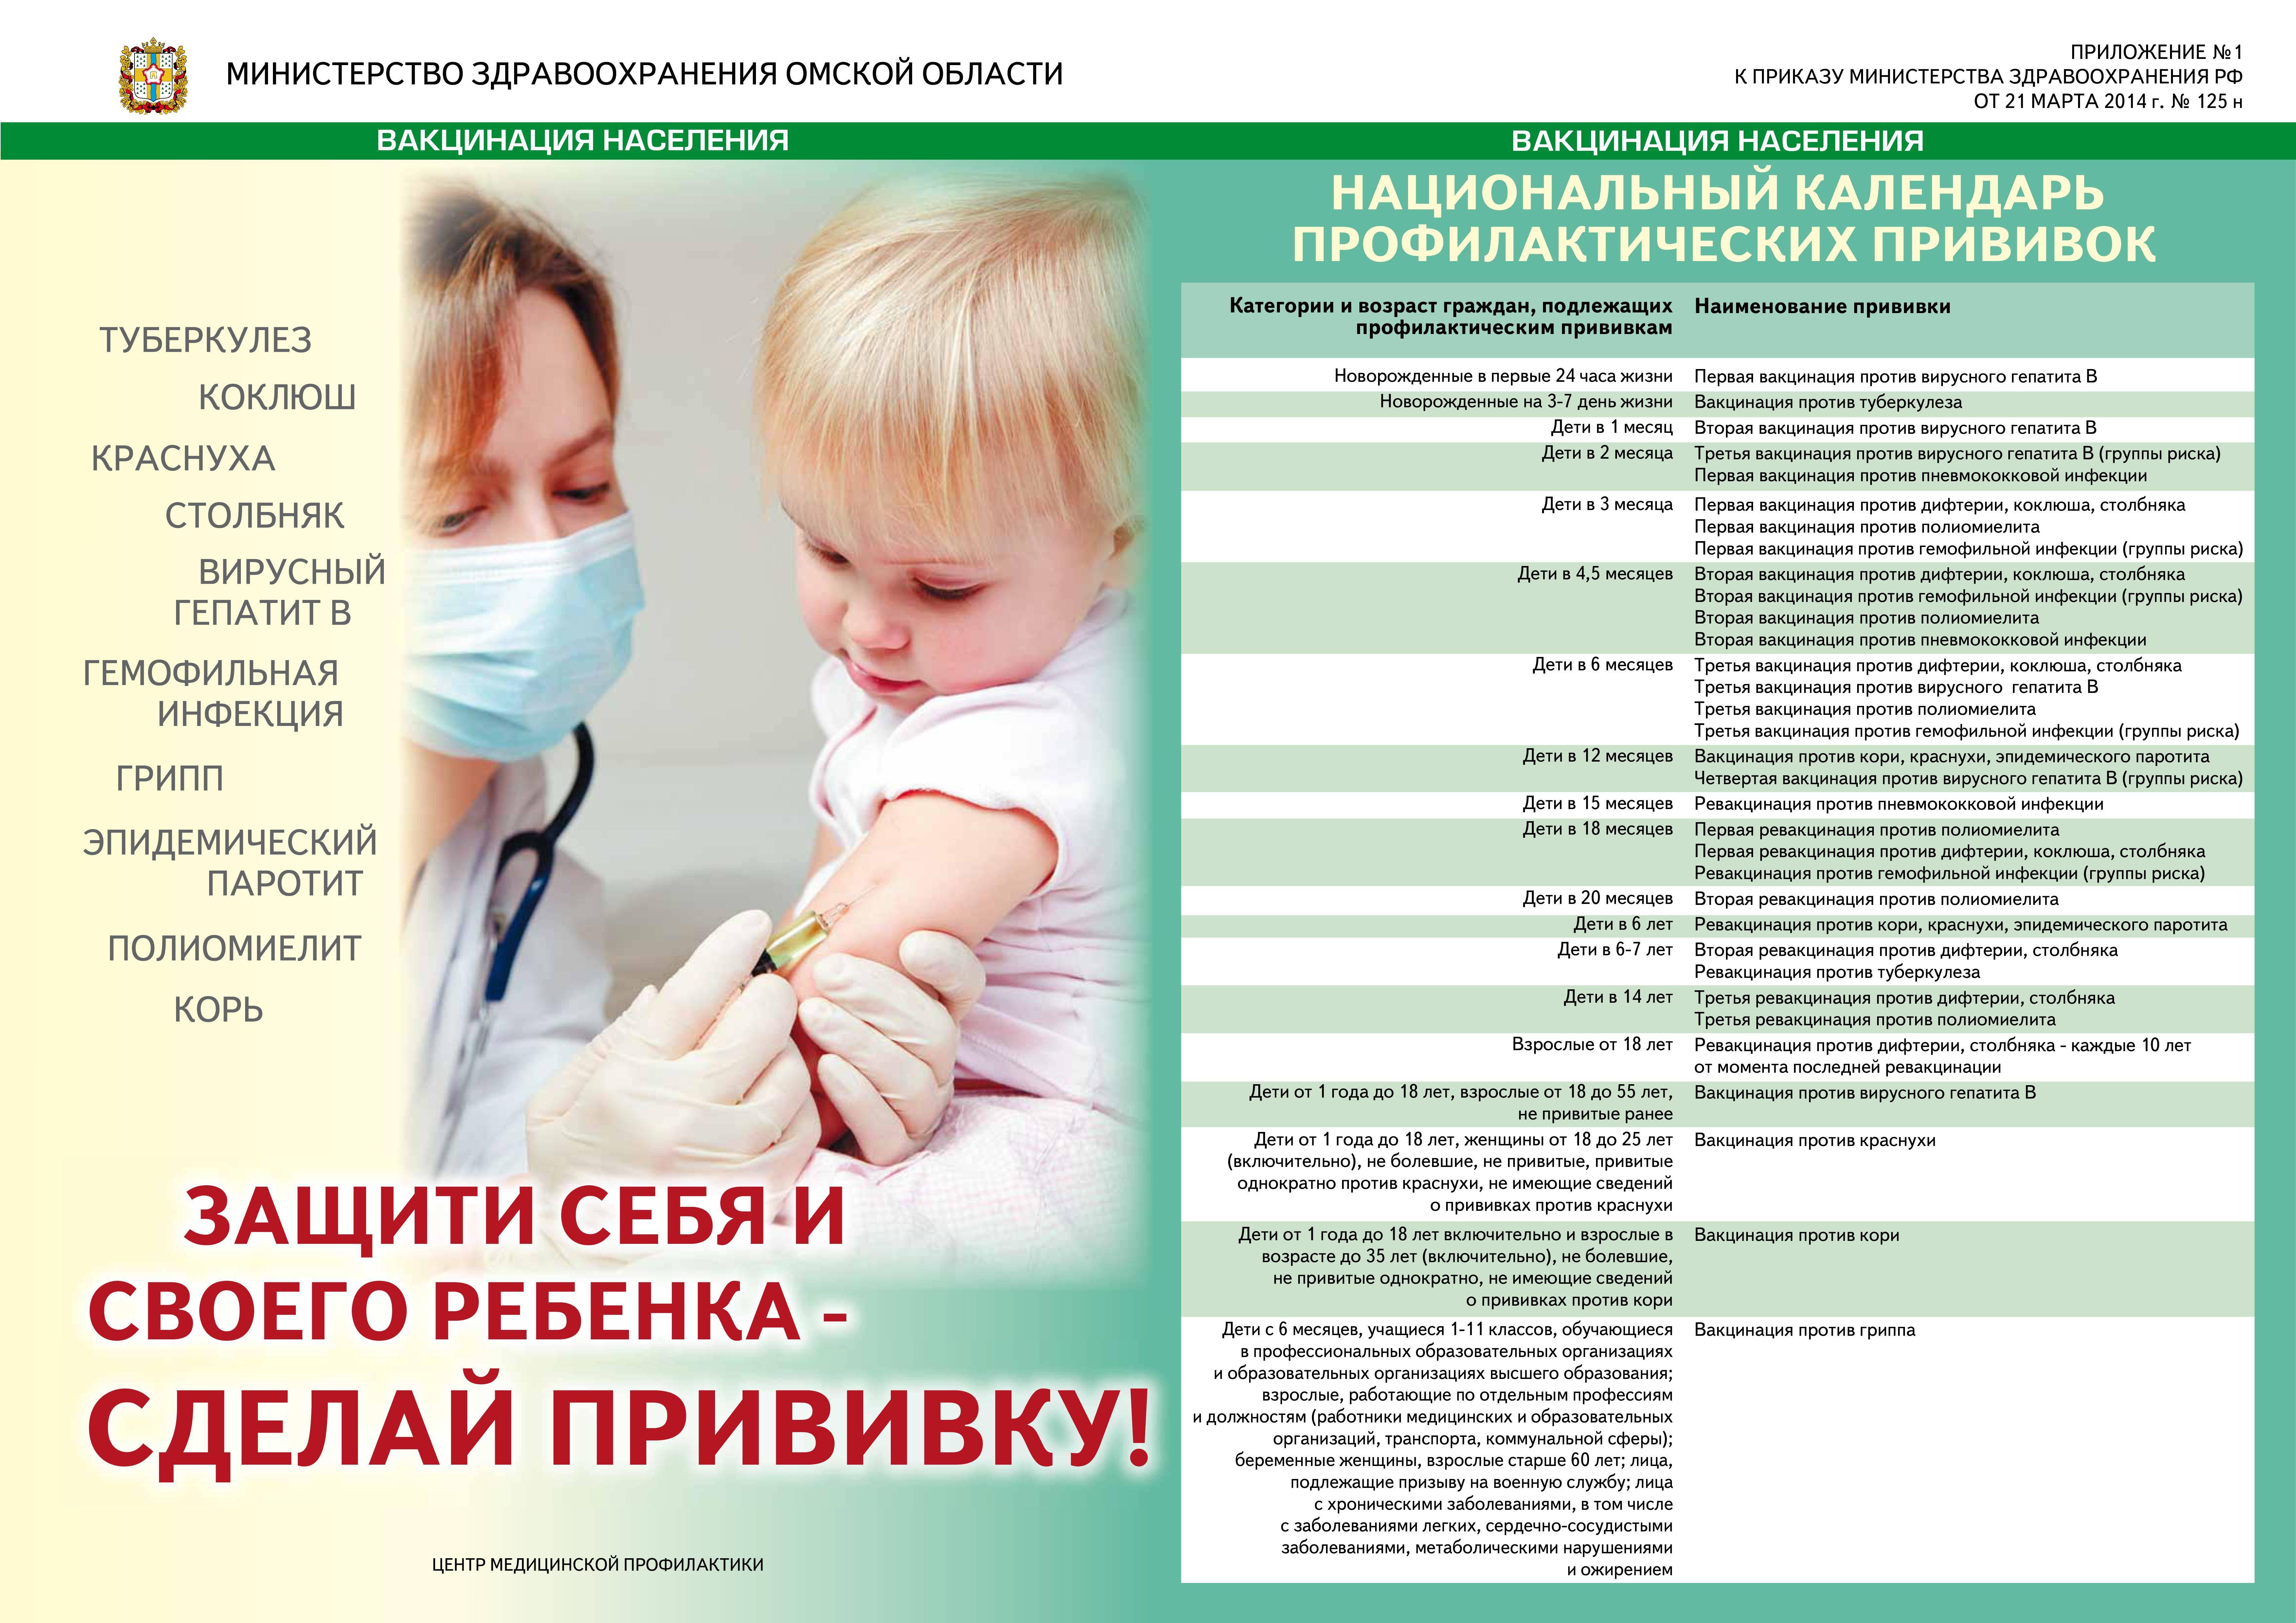 До какого возраста можно сделать прививку от ротавируса